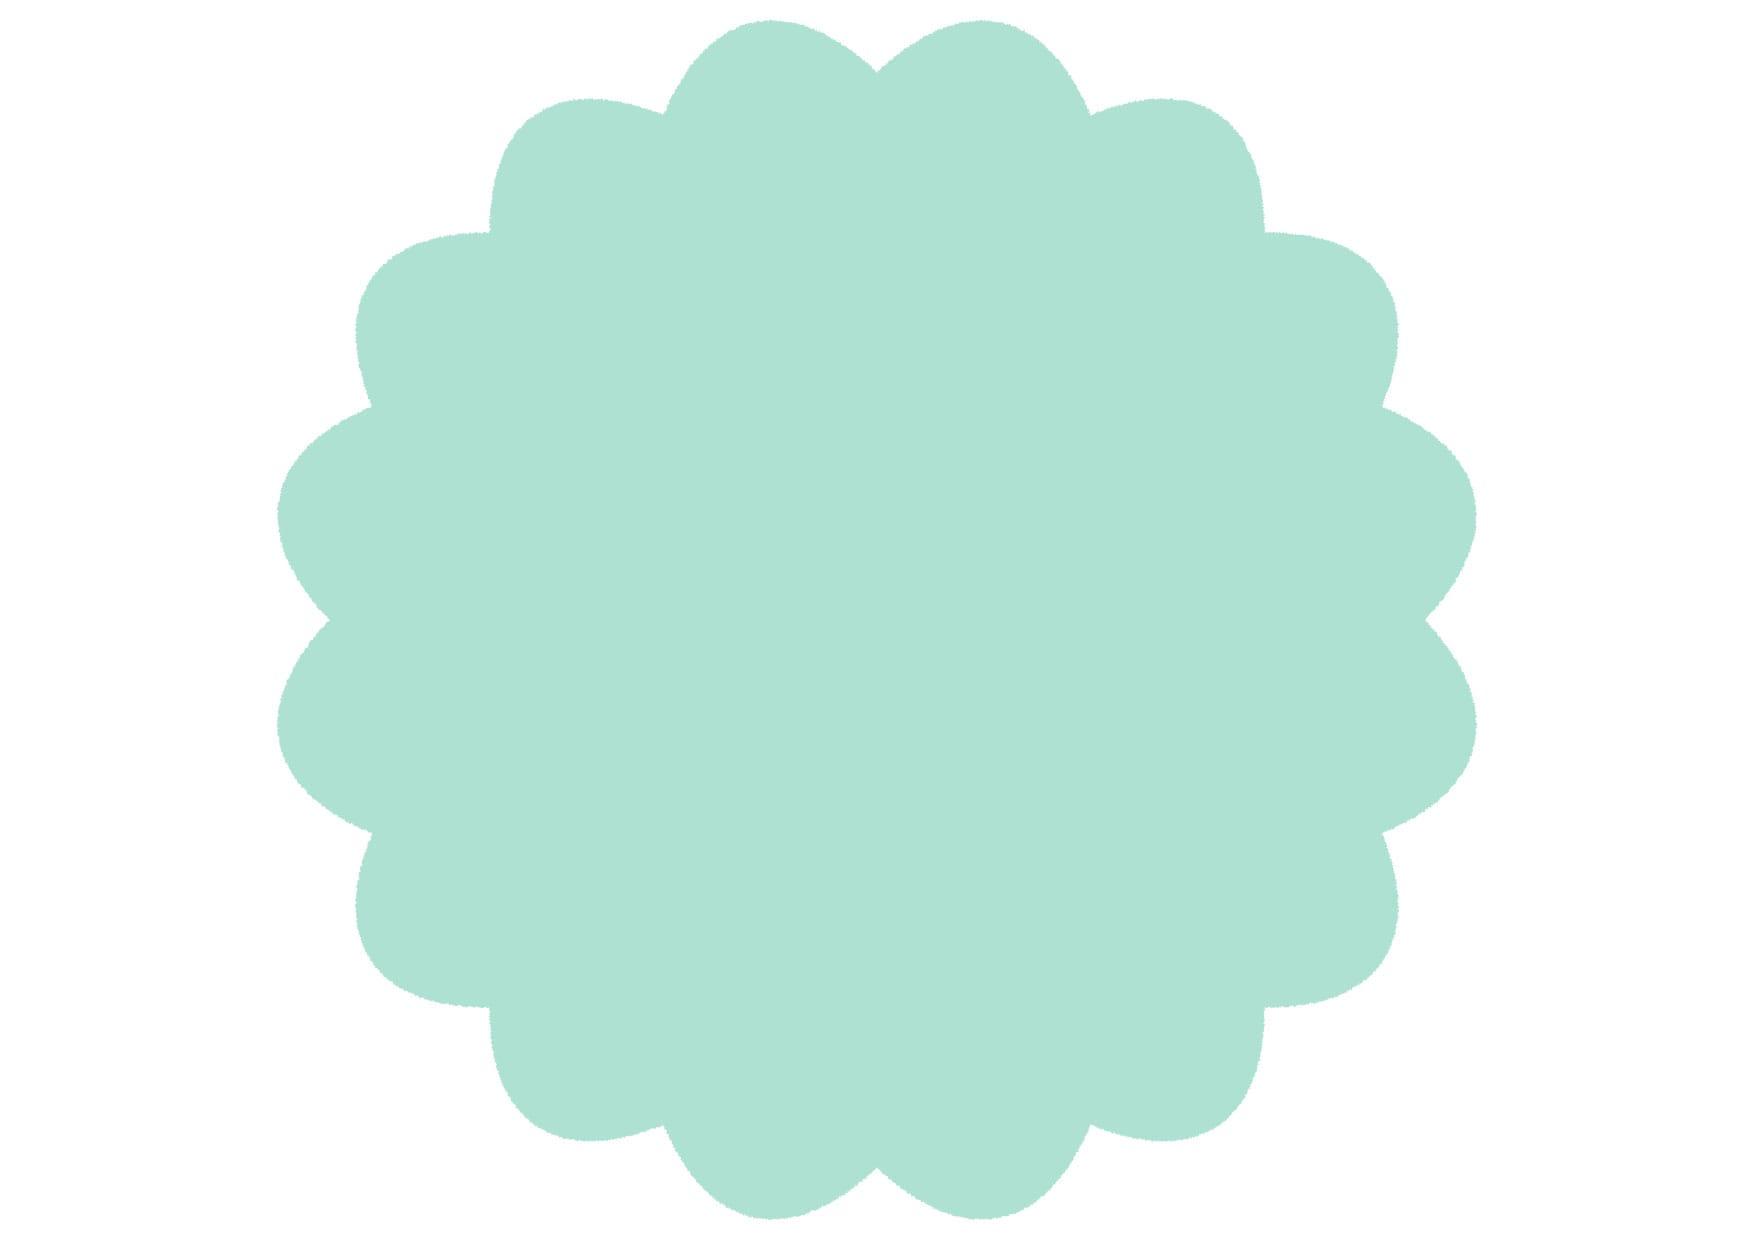 可愛いイラスト無料|シンプル やわらかい フレーム 緑色 − free illustration  Simple soft frame green